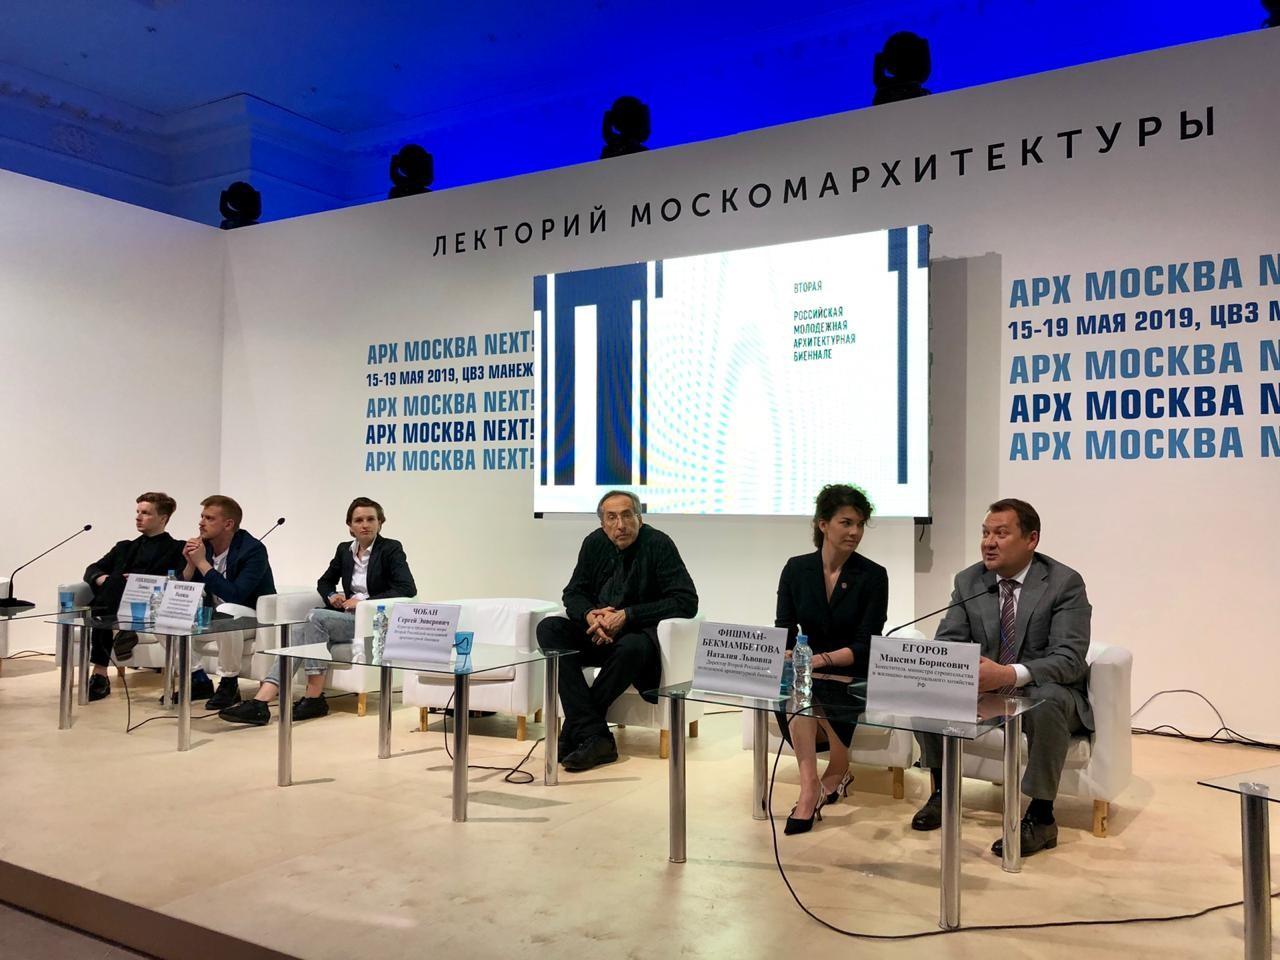 Минстрой России поддержит проведение Второй Российской молодежной архитектурной <br>биеннале